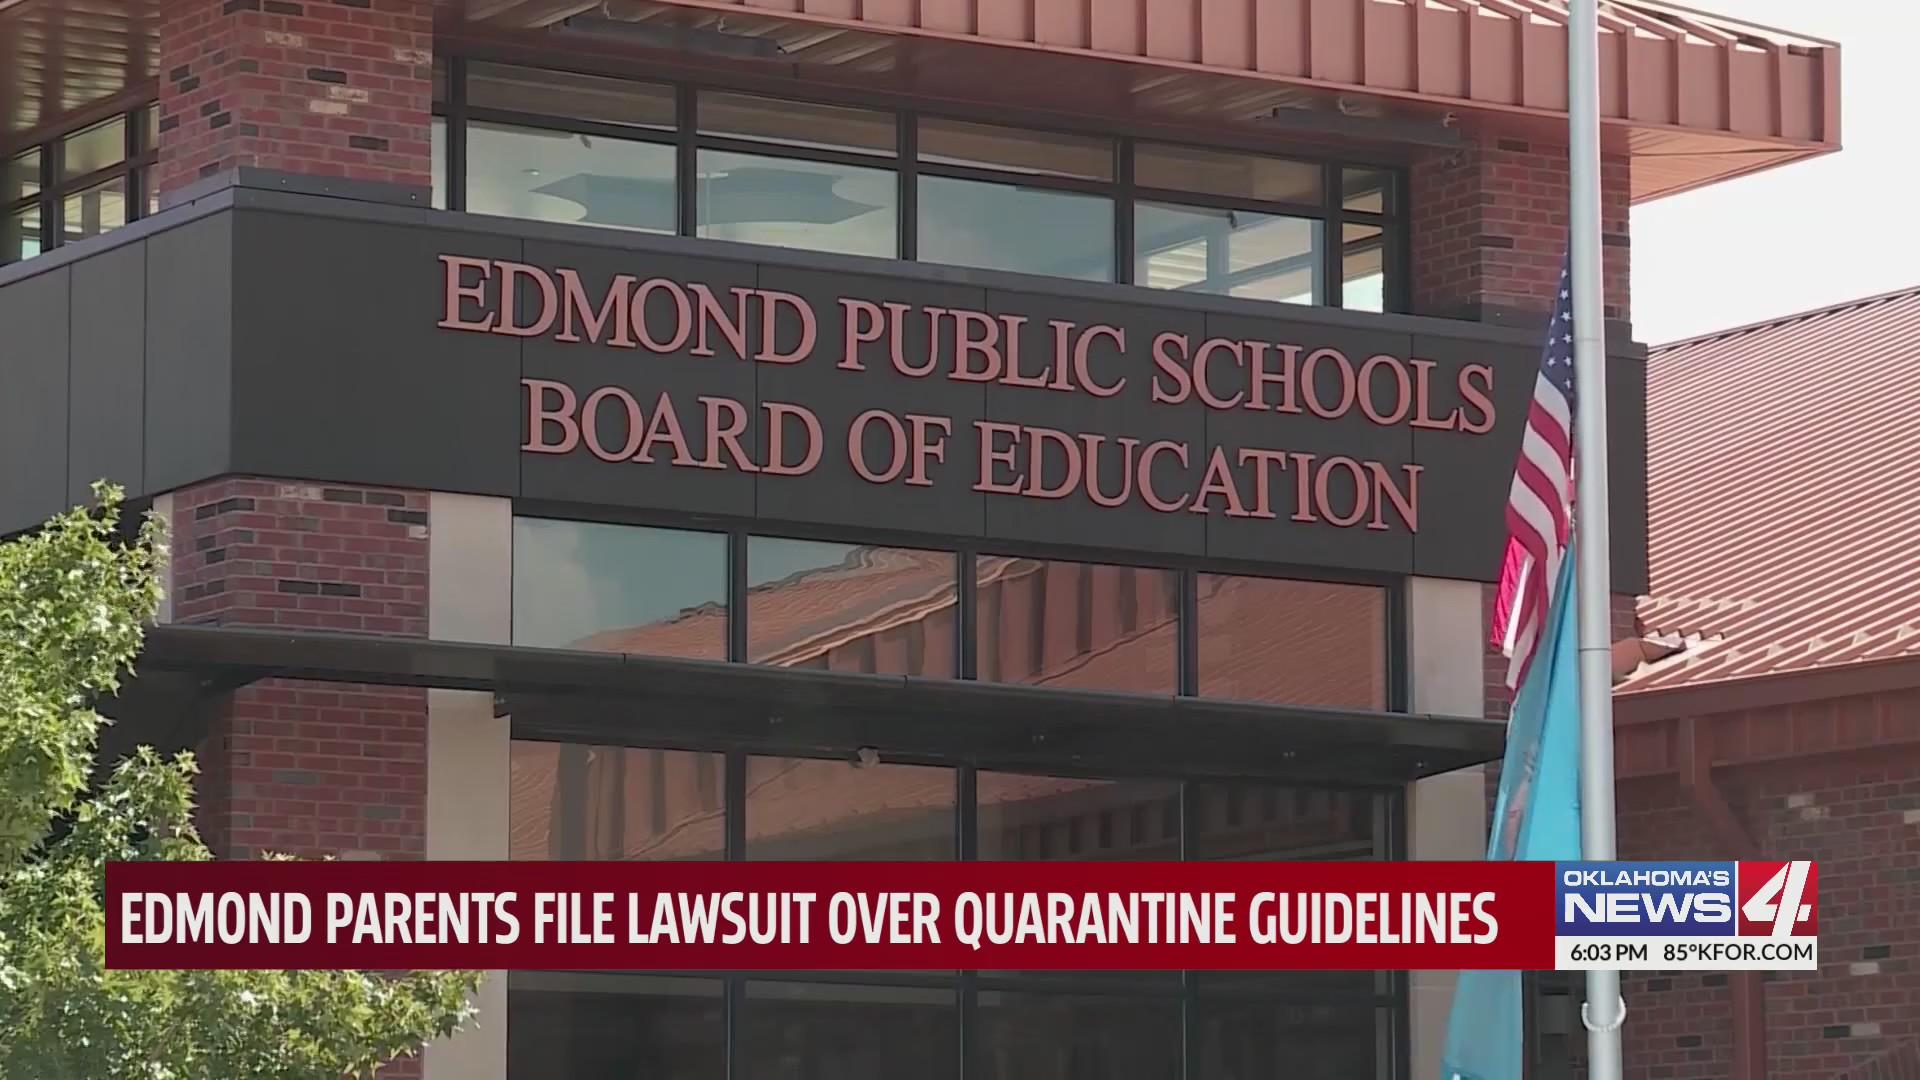 Exterior of Edmond Public Schools Board of Education building